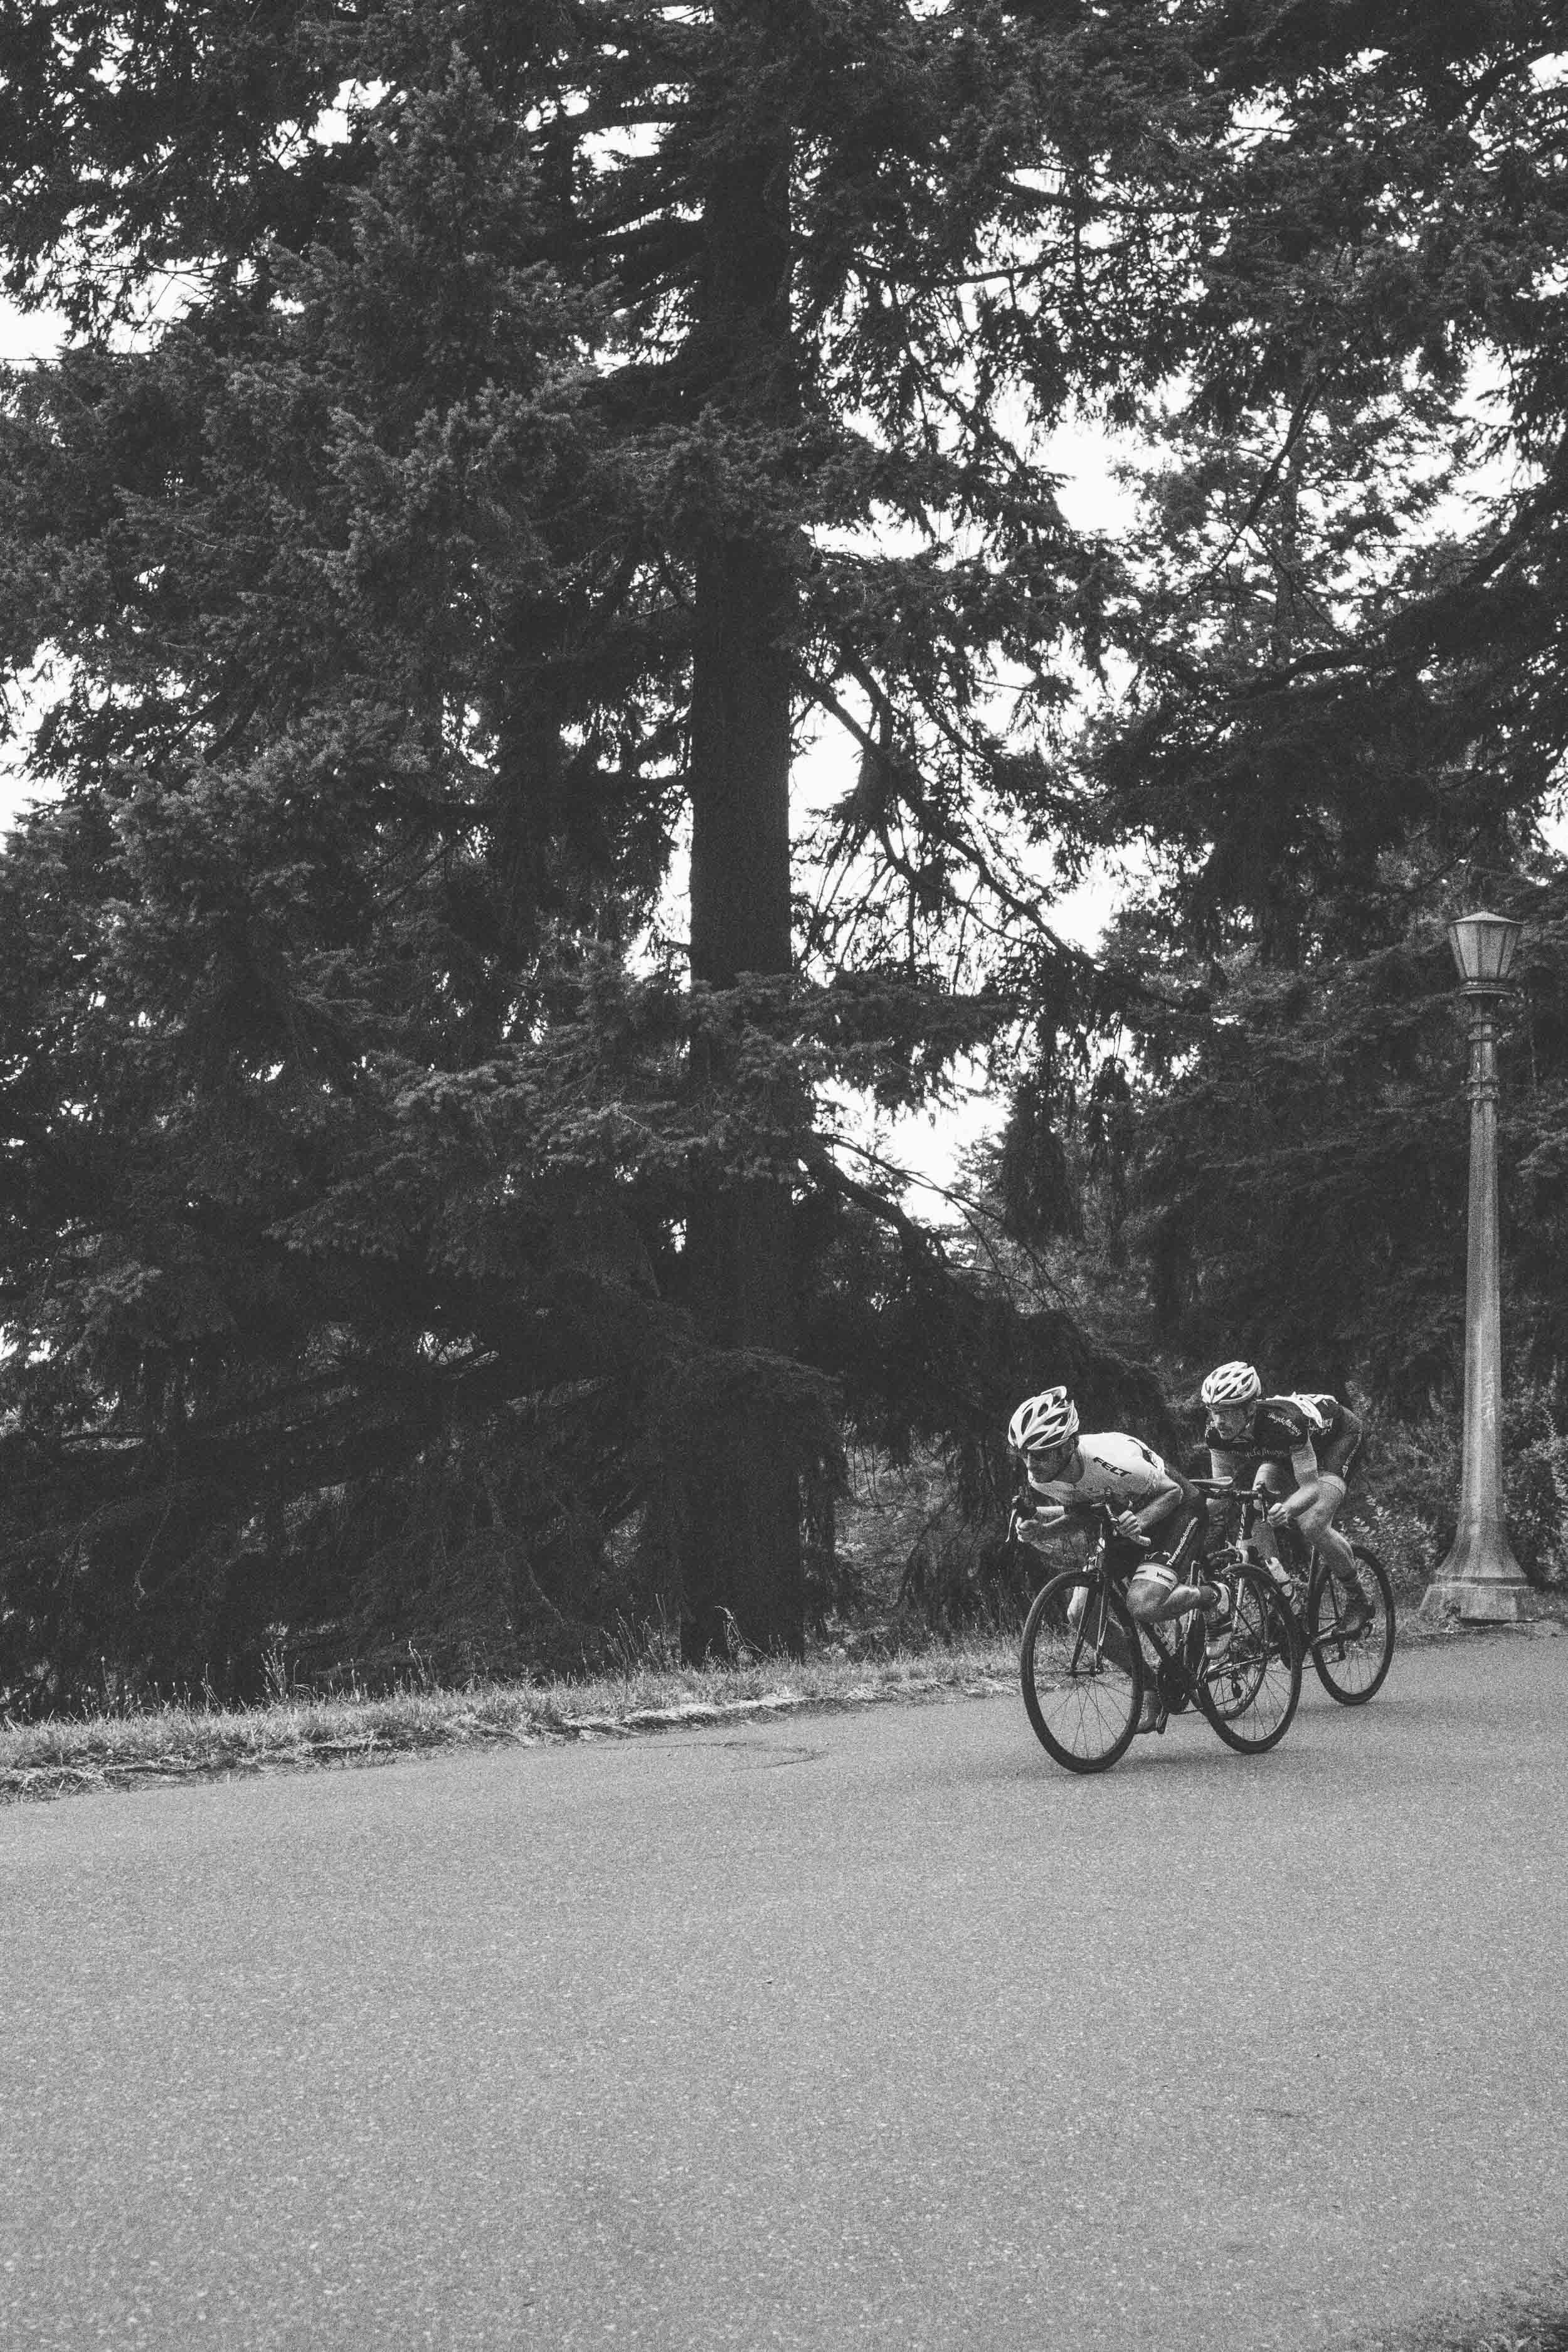 MountTabor_Race_3_28.jpg